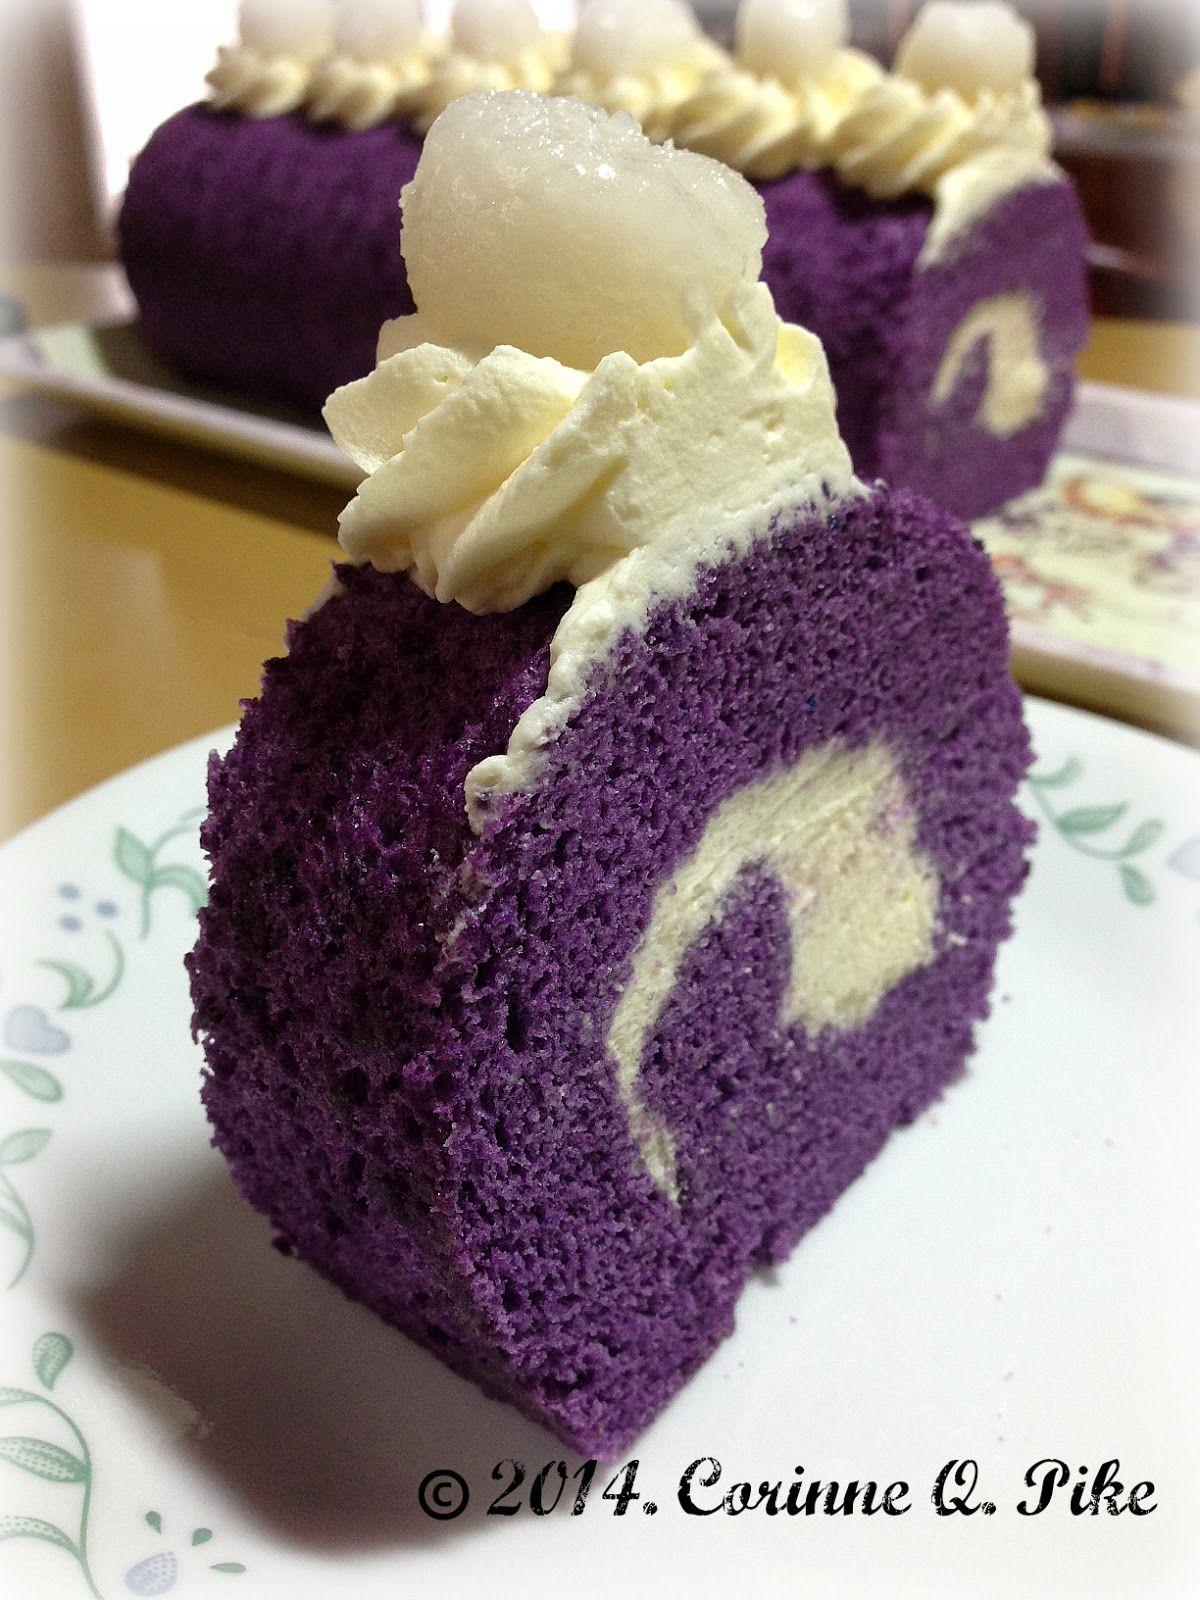 Taro Vanilla Cake